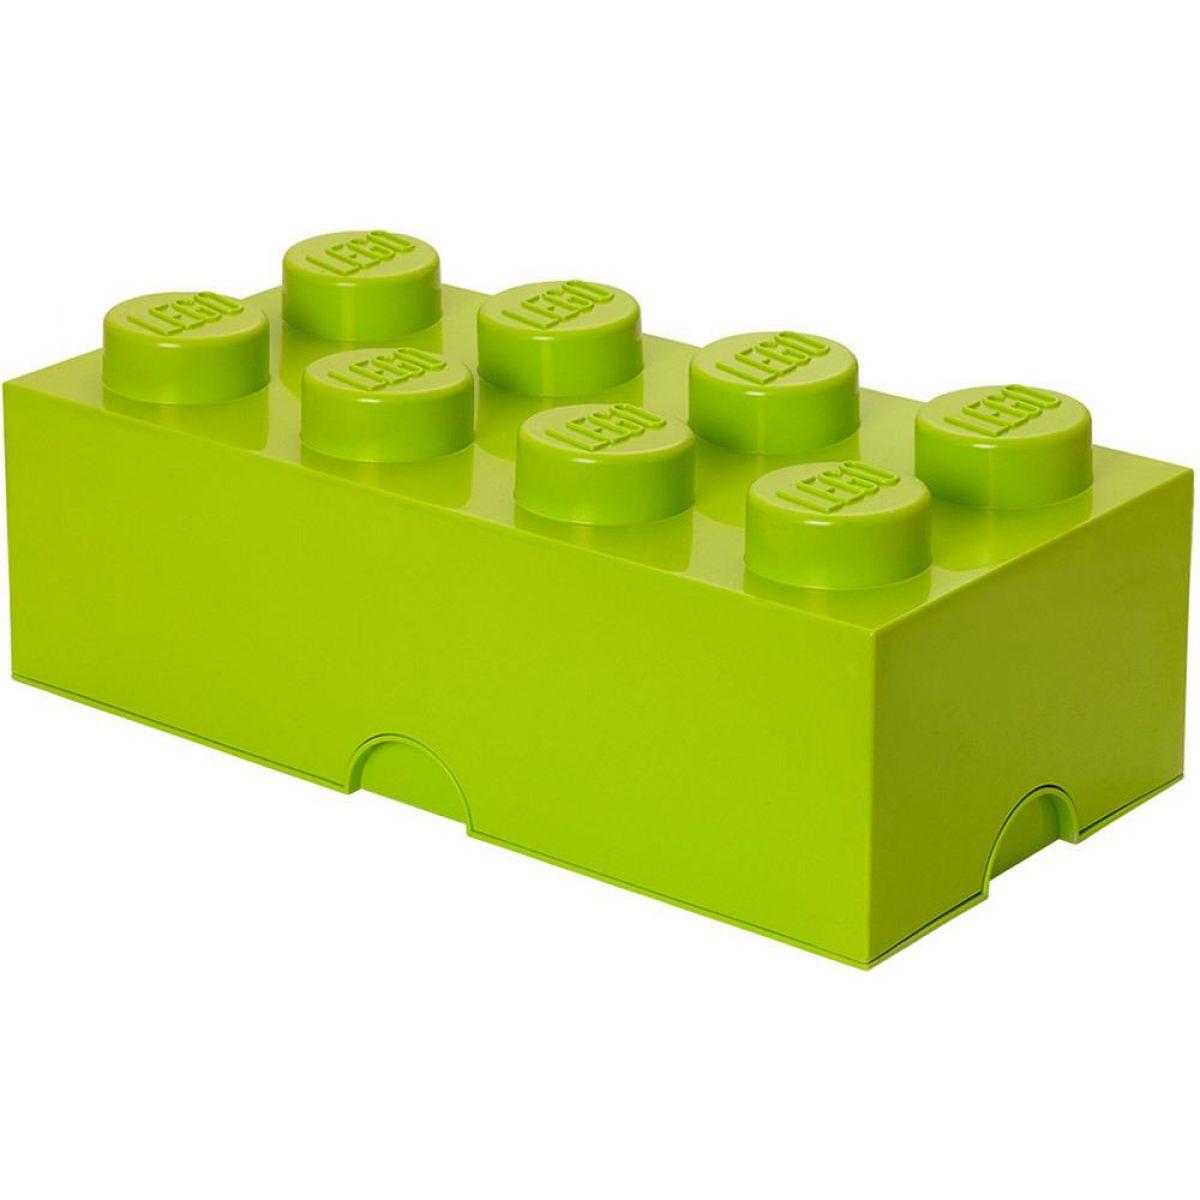 LEGO Úložný box bez šuplíku 25 x 50 x 18 cm Světle zelená